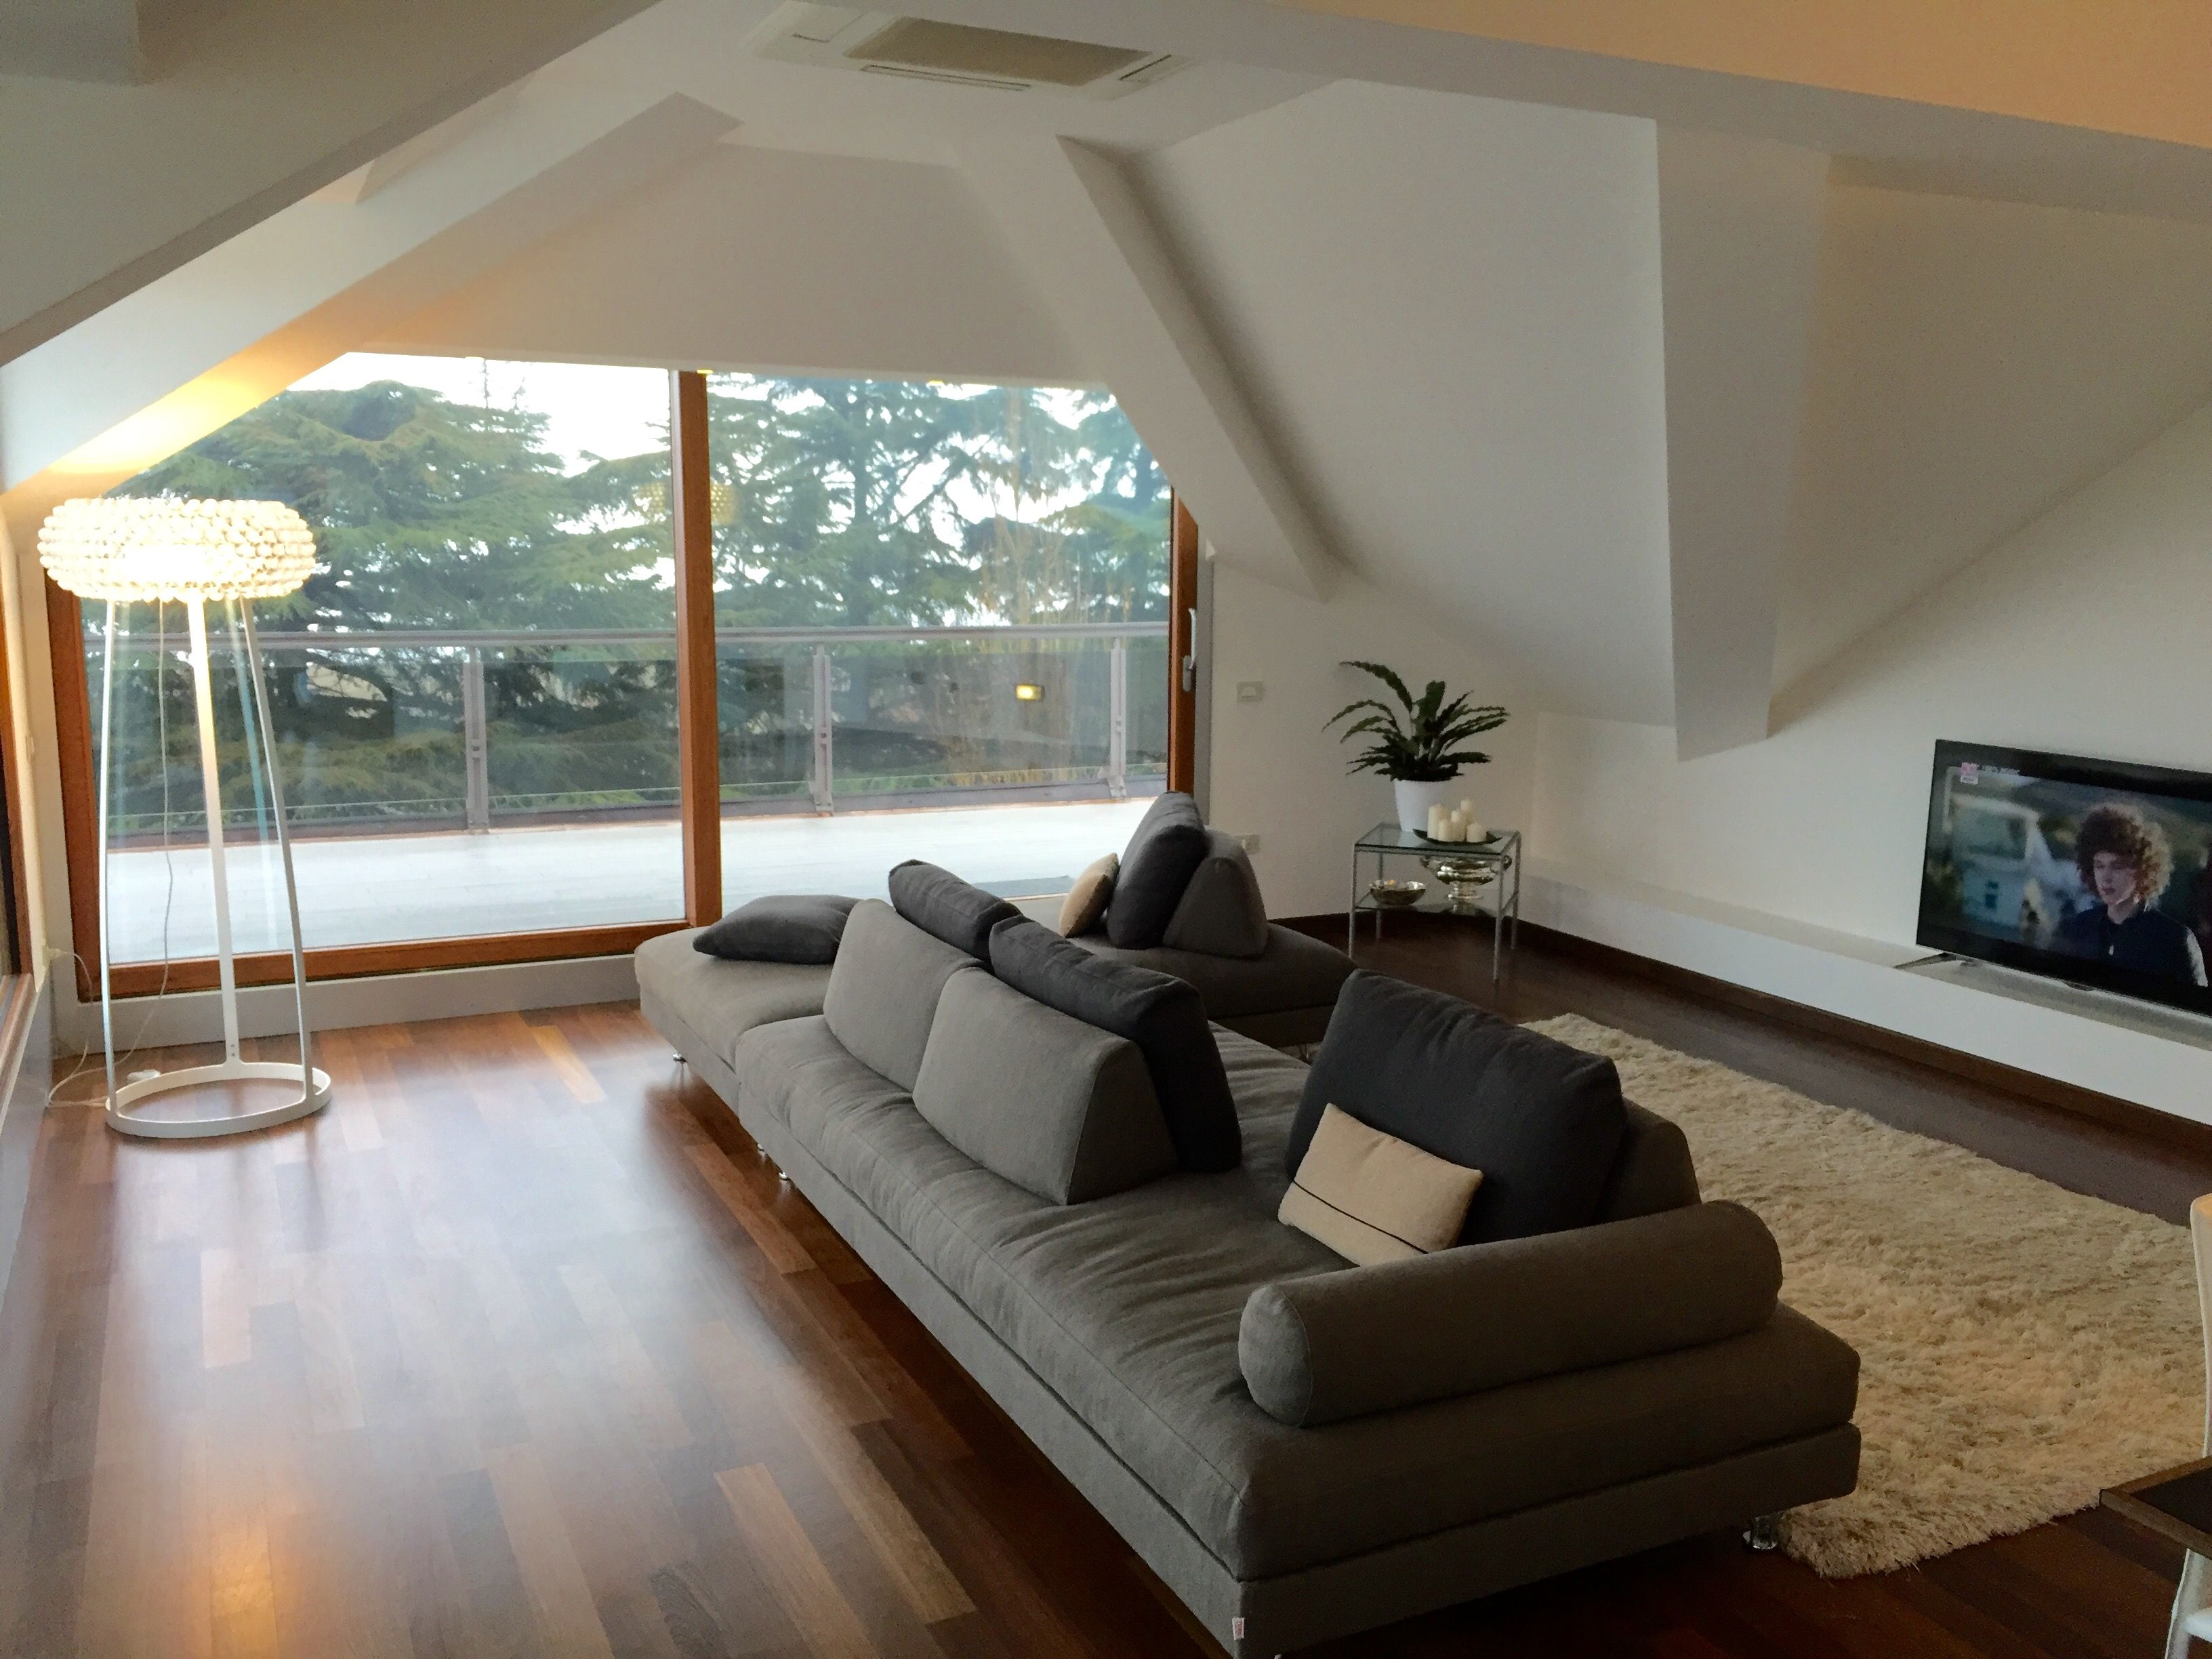 Un nostro progetto d\' # arredo per un #appartamento a #Desenzano ...